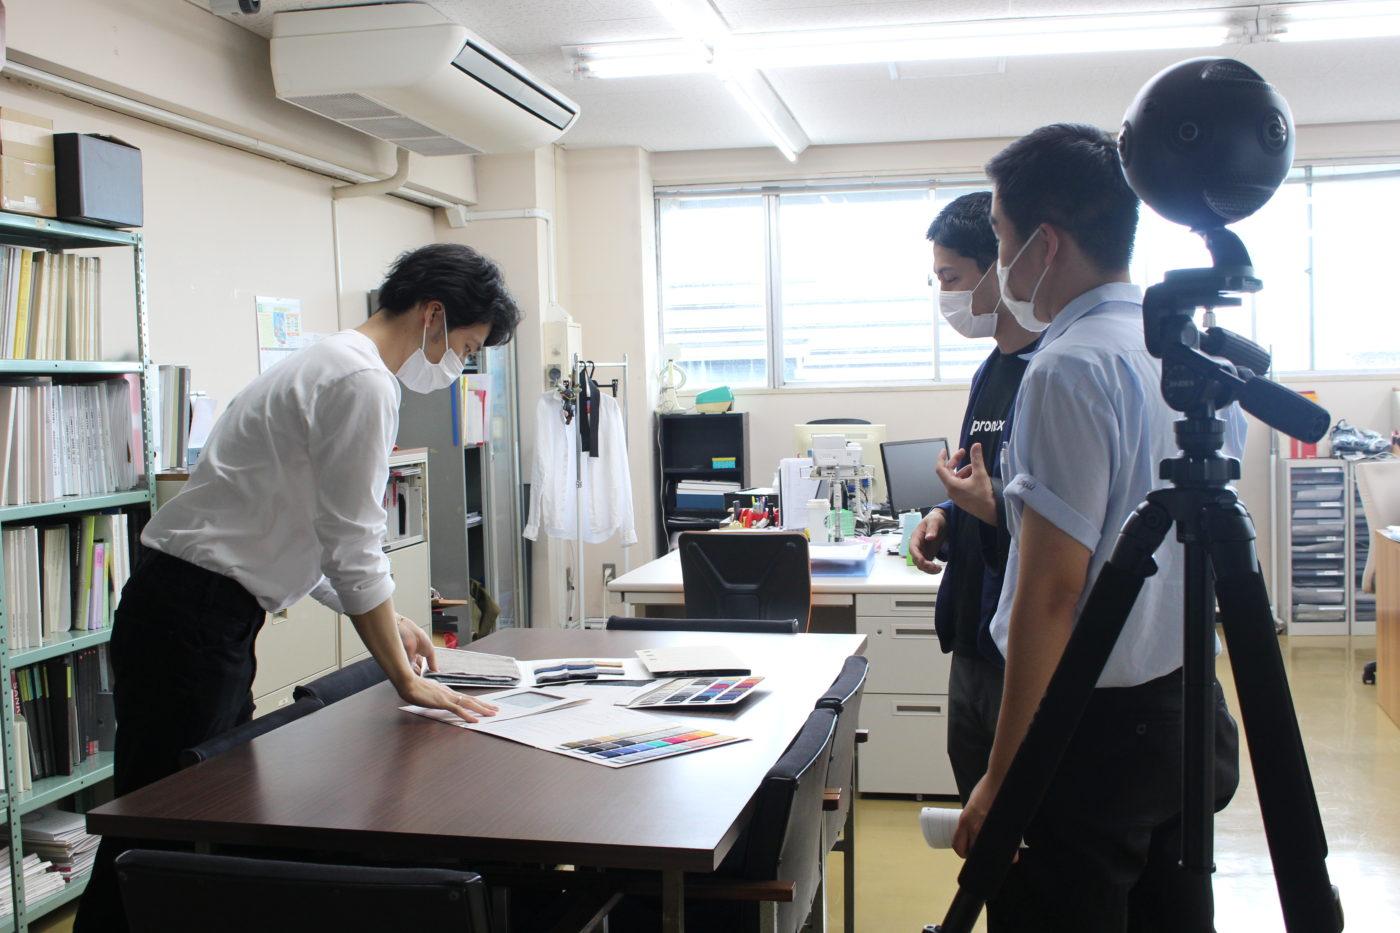 五泉高校生とニット工場で撮影6